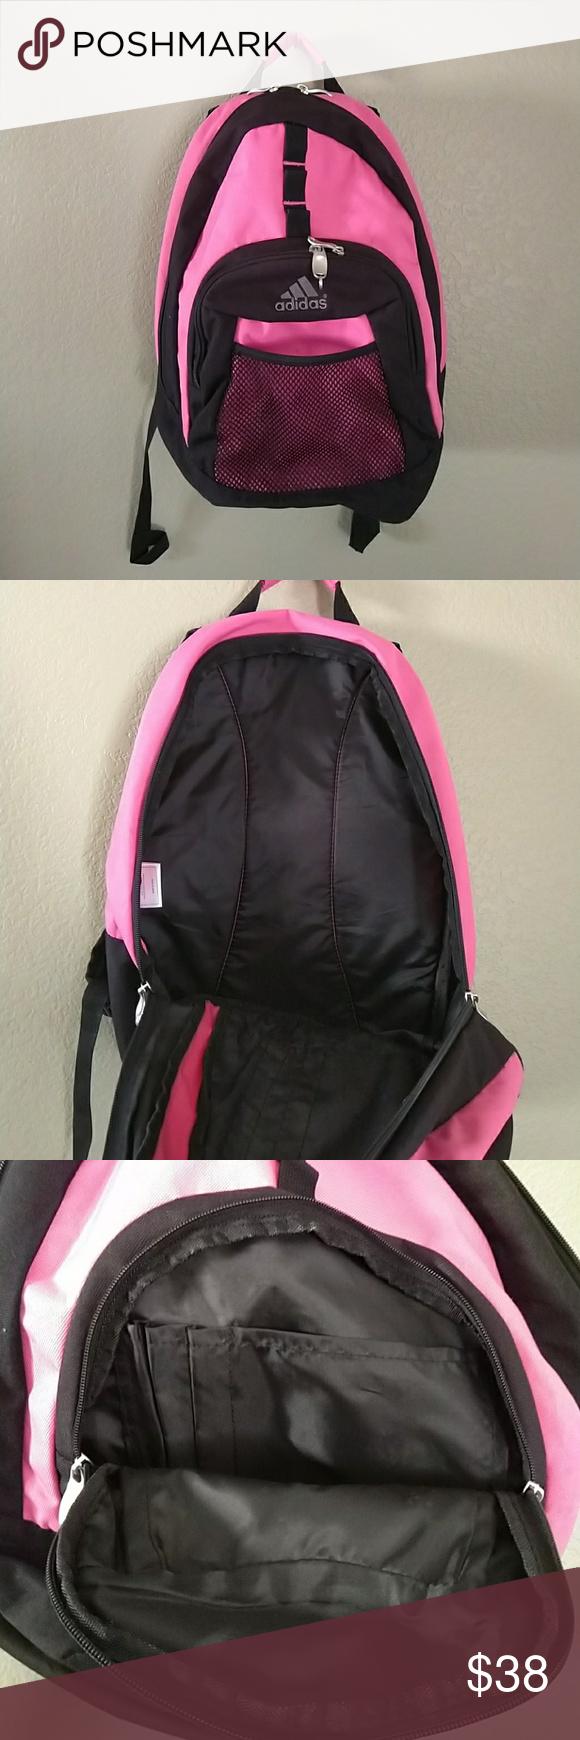 d64fa0b00fe3 Shoulder Straps · Adidas backpack school bag pink black Adidas backpack